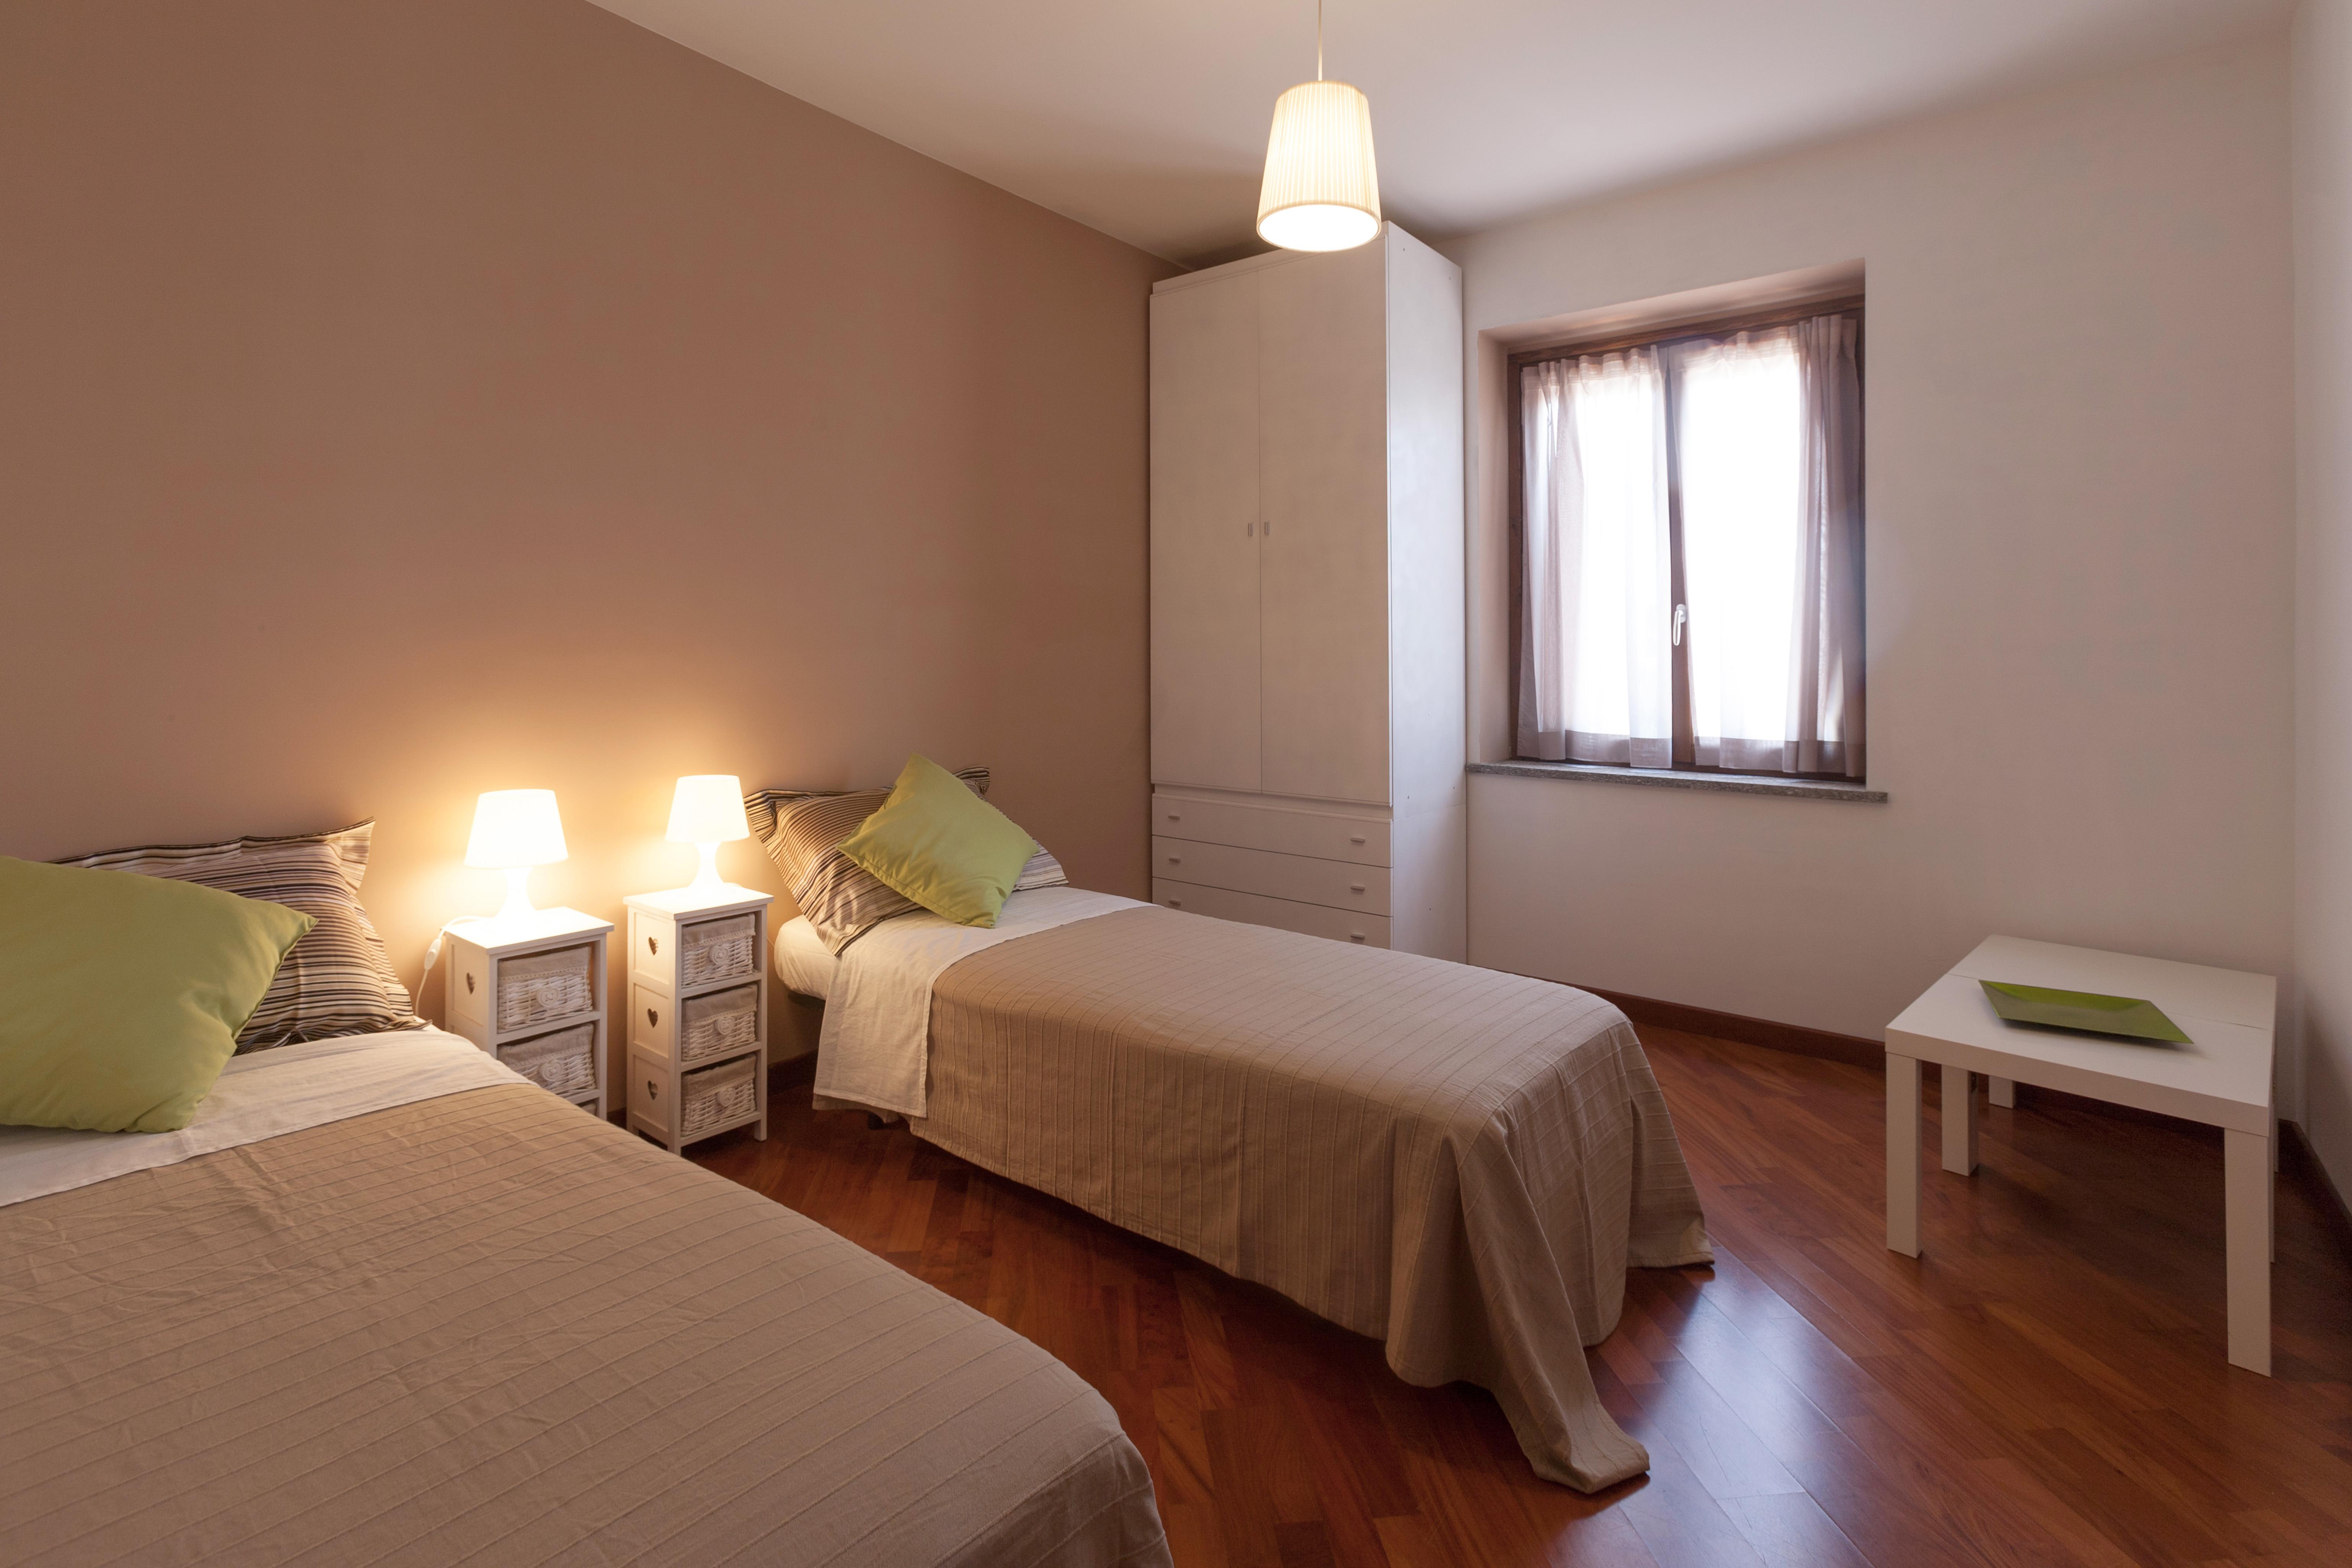 Ferienhaus Villa Cometa - Lebende Mode - (2599033), Casaleggio Novara, Novara, Piemont, Italien, Bild 12